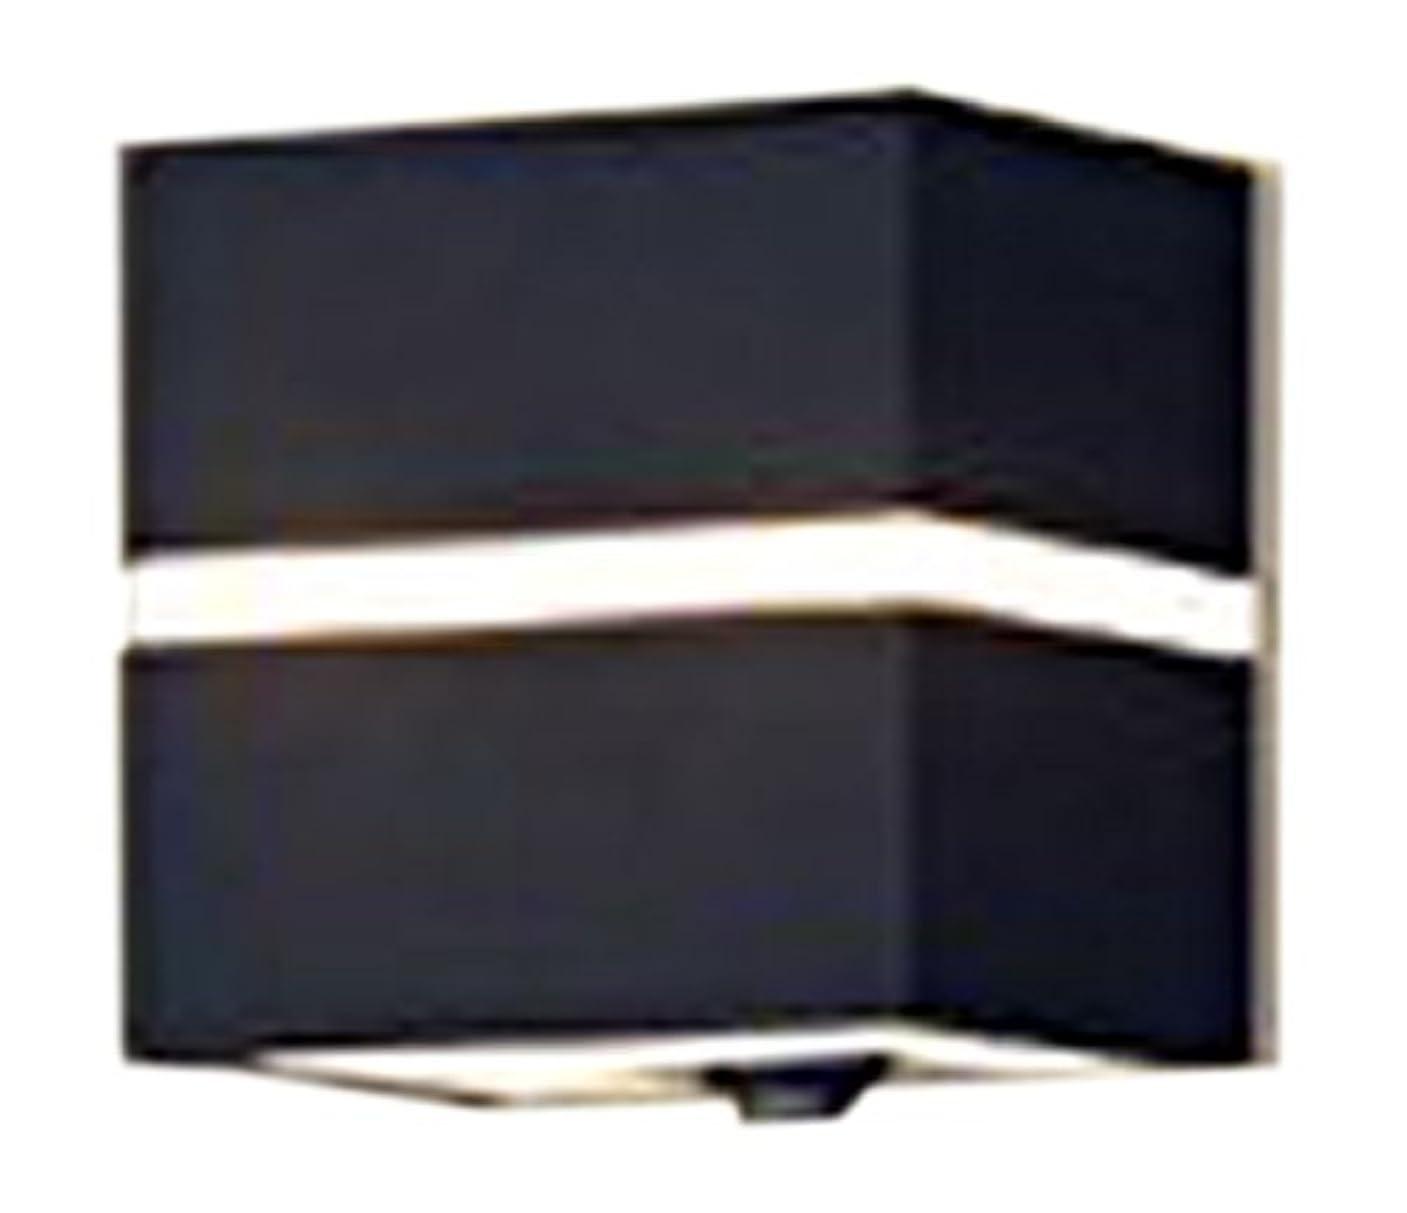 市の花キノコ乱雑なパナソニック(Panasonic) LEDポーチライトFreePaお出迎えシンプルタイマー(直付タイプ)電球色(オフブラック) LSEWC4020LE1